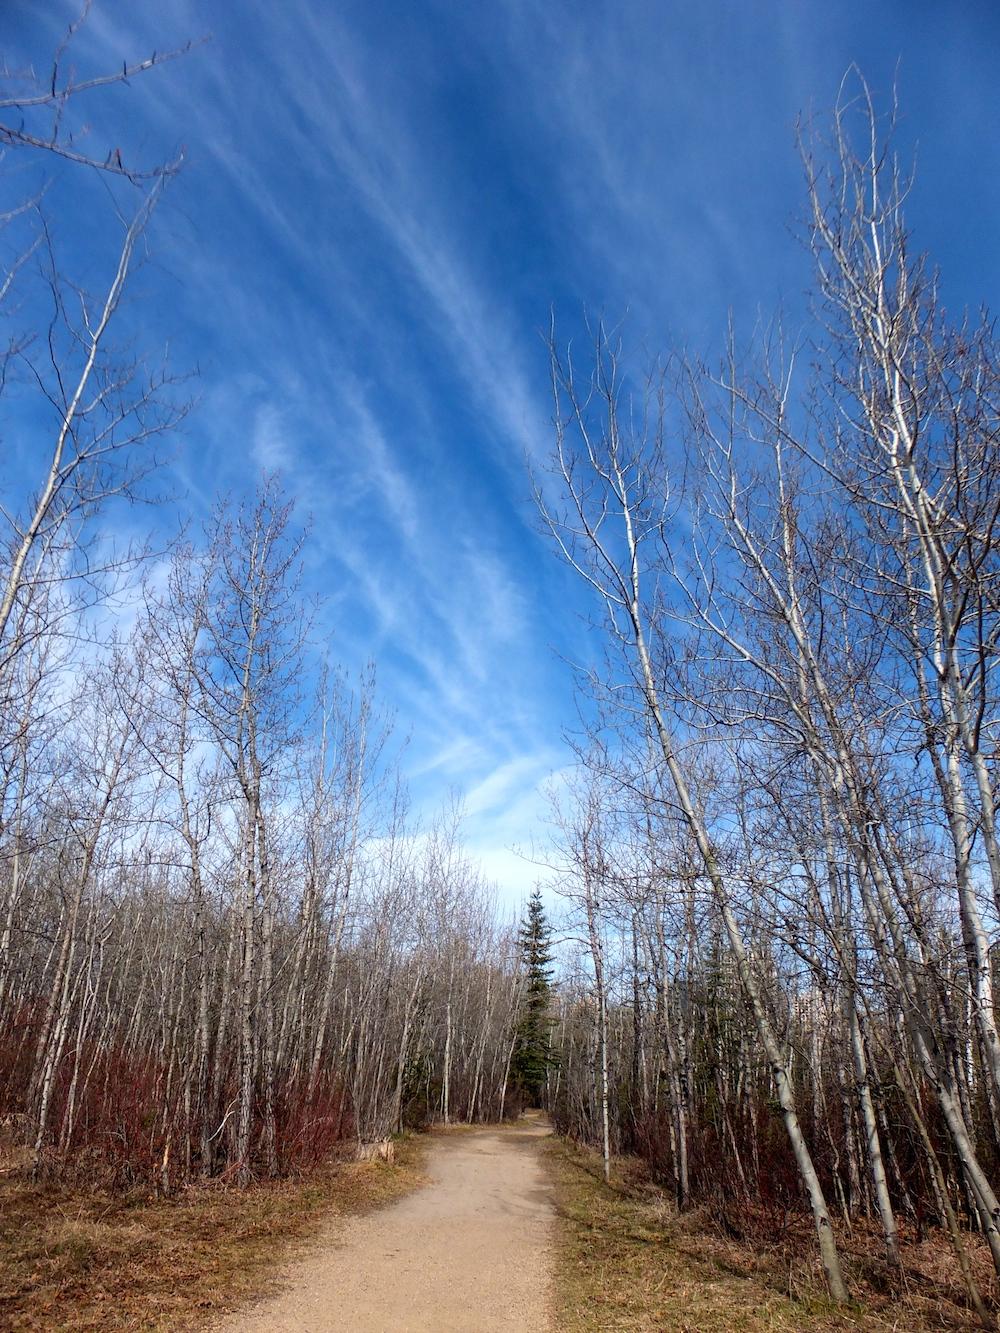 Mill Creek Skies